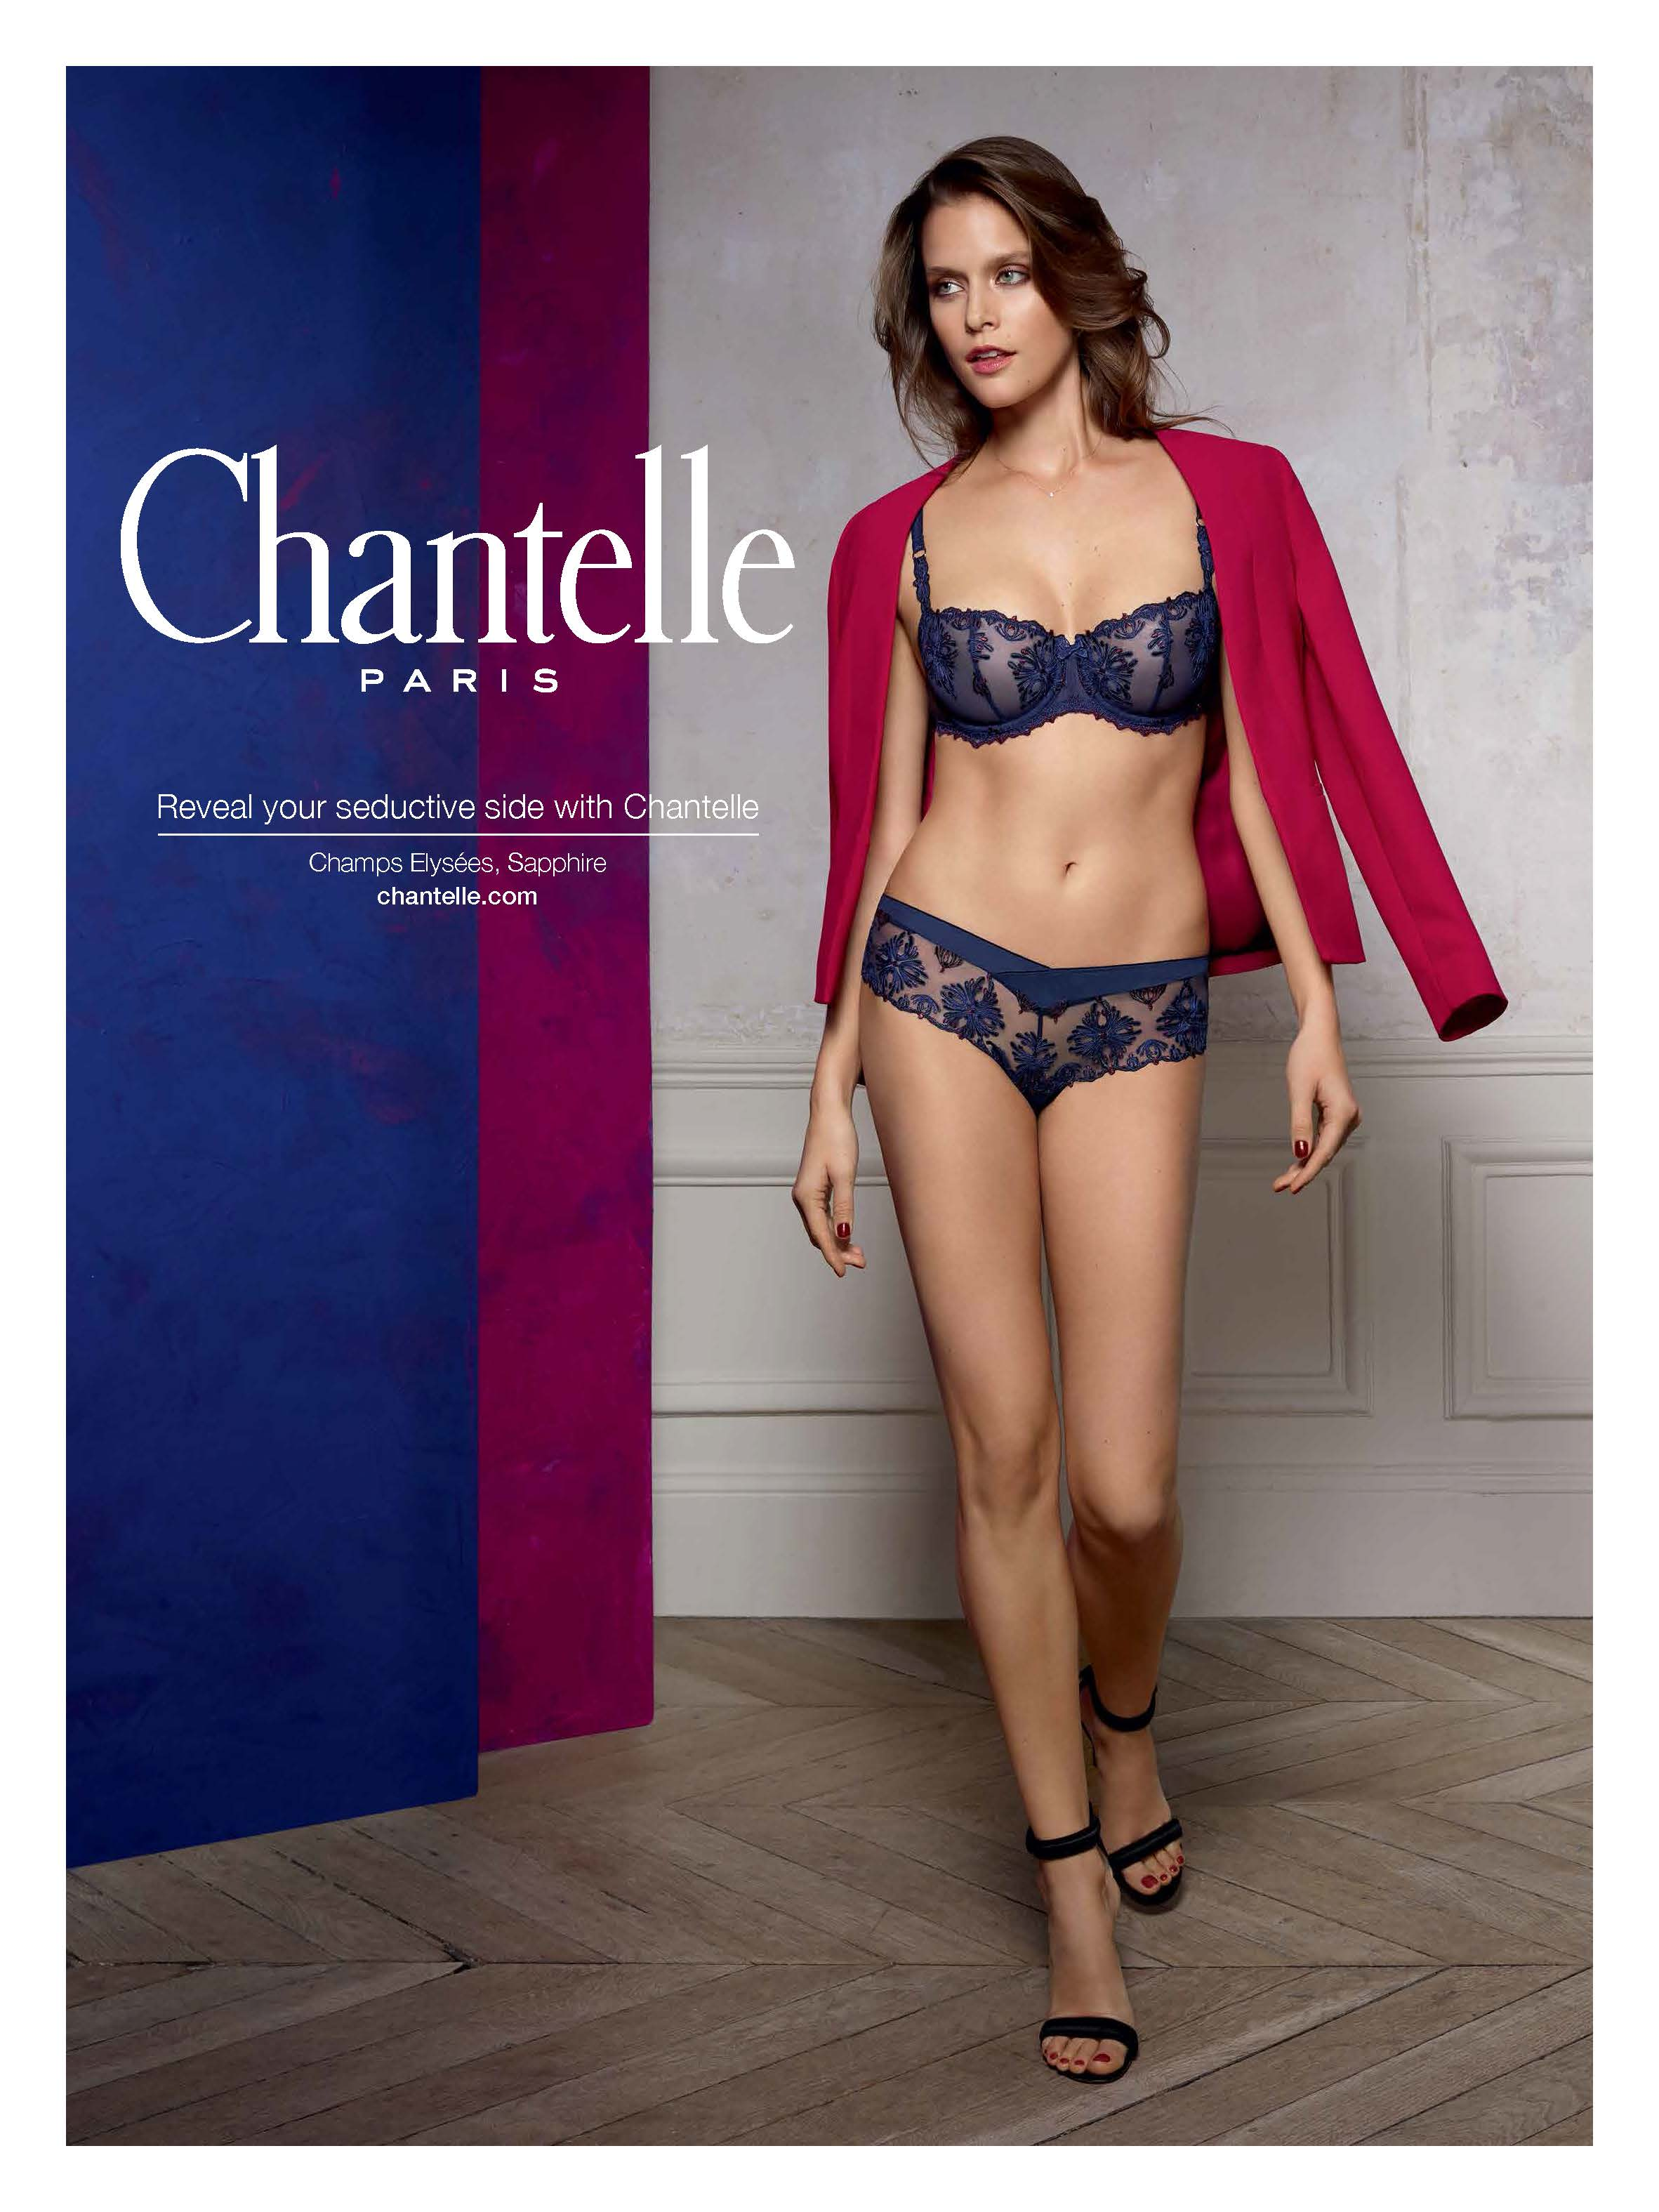 C260 Champs Elysees Sapphire Decolleté.jpg